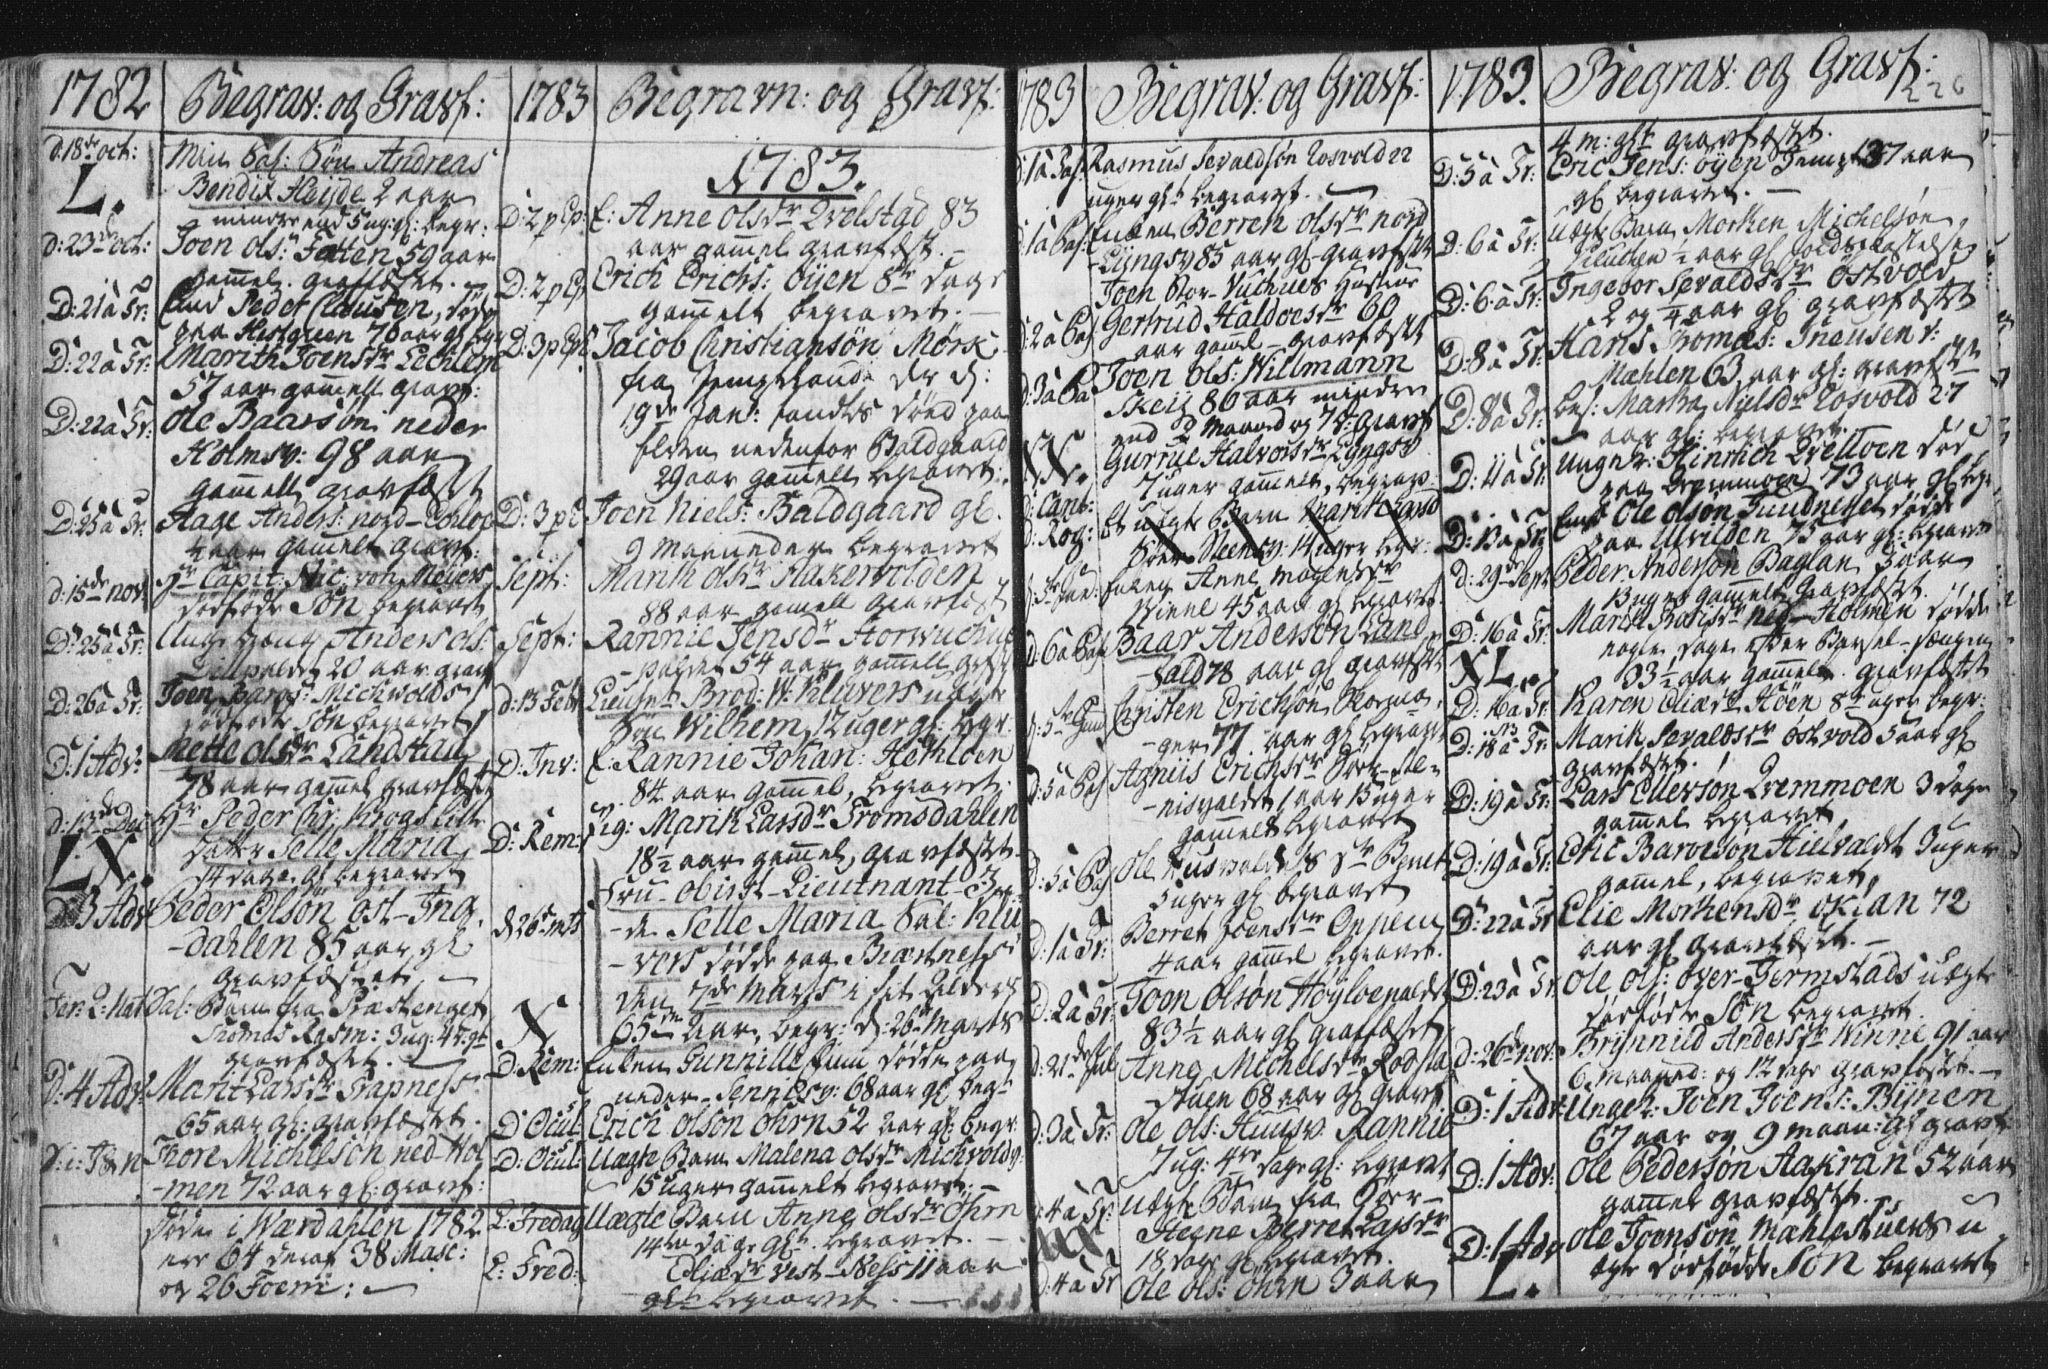 SAT, Ministerialprotokoller, klokkerbøker og fødselsregistre - Nord-Trøndelag, 723/L0232: Ministerialbok nr. 723A03, 1781-1804, s. 226